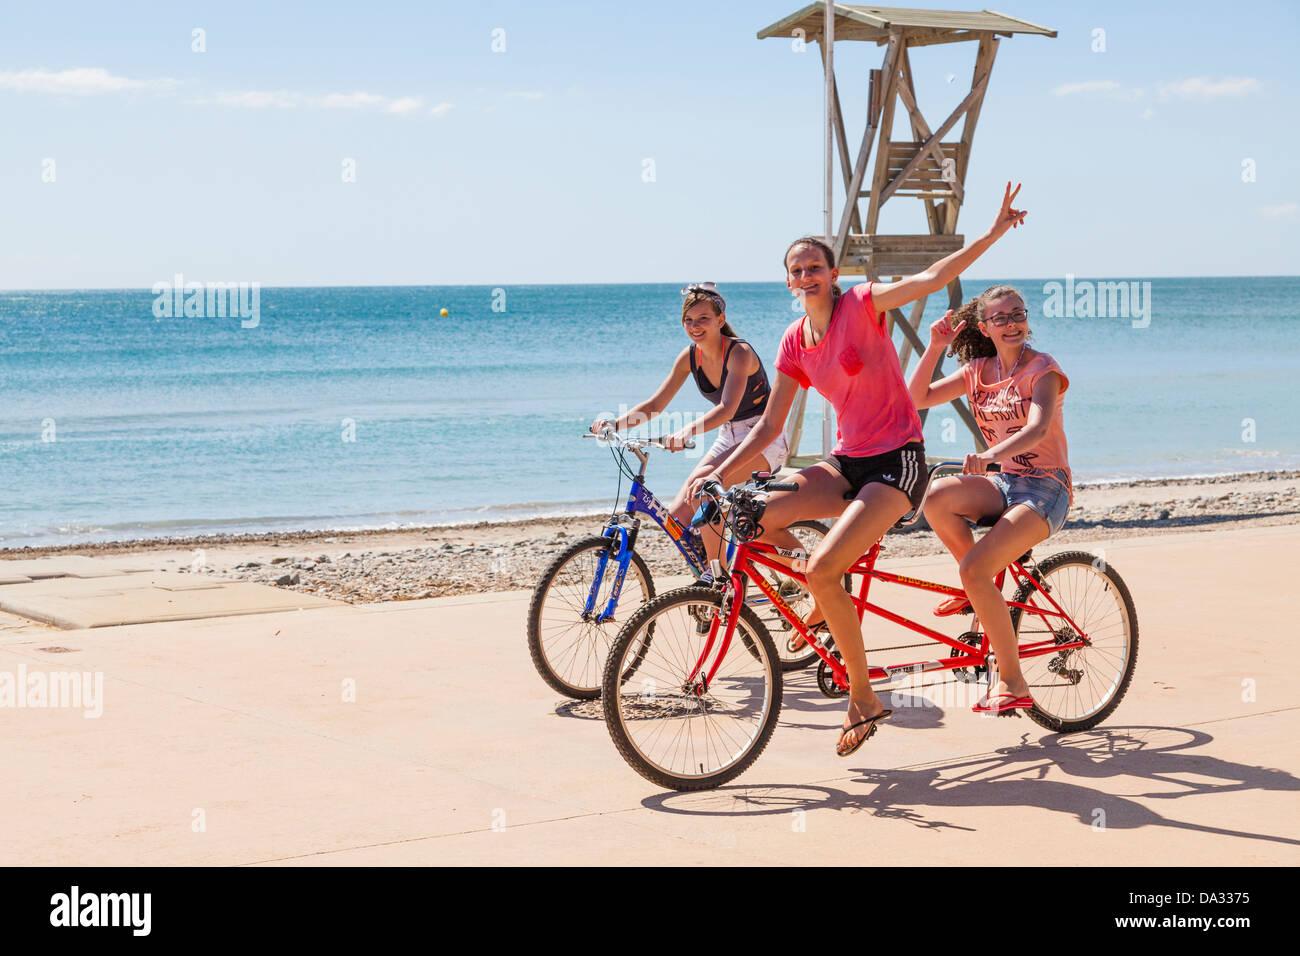 Le ragazze adolescenti di equitazione biciclette tandem da mare Immagini Stock